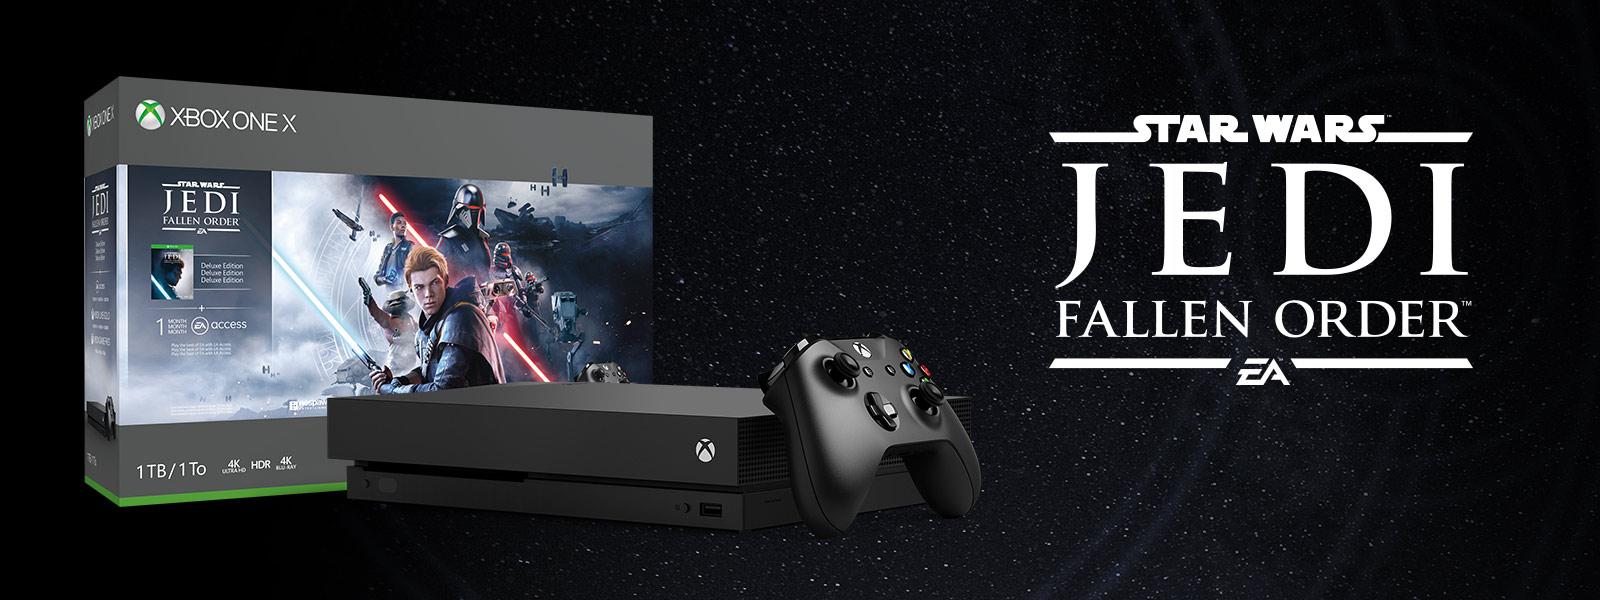 Xbox One X Star Wars Jedi: Fallen Order-bundel-illustratie voor bergen en een weg met bladeren